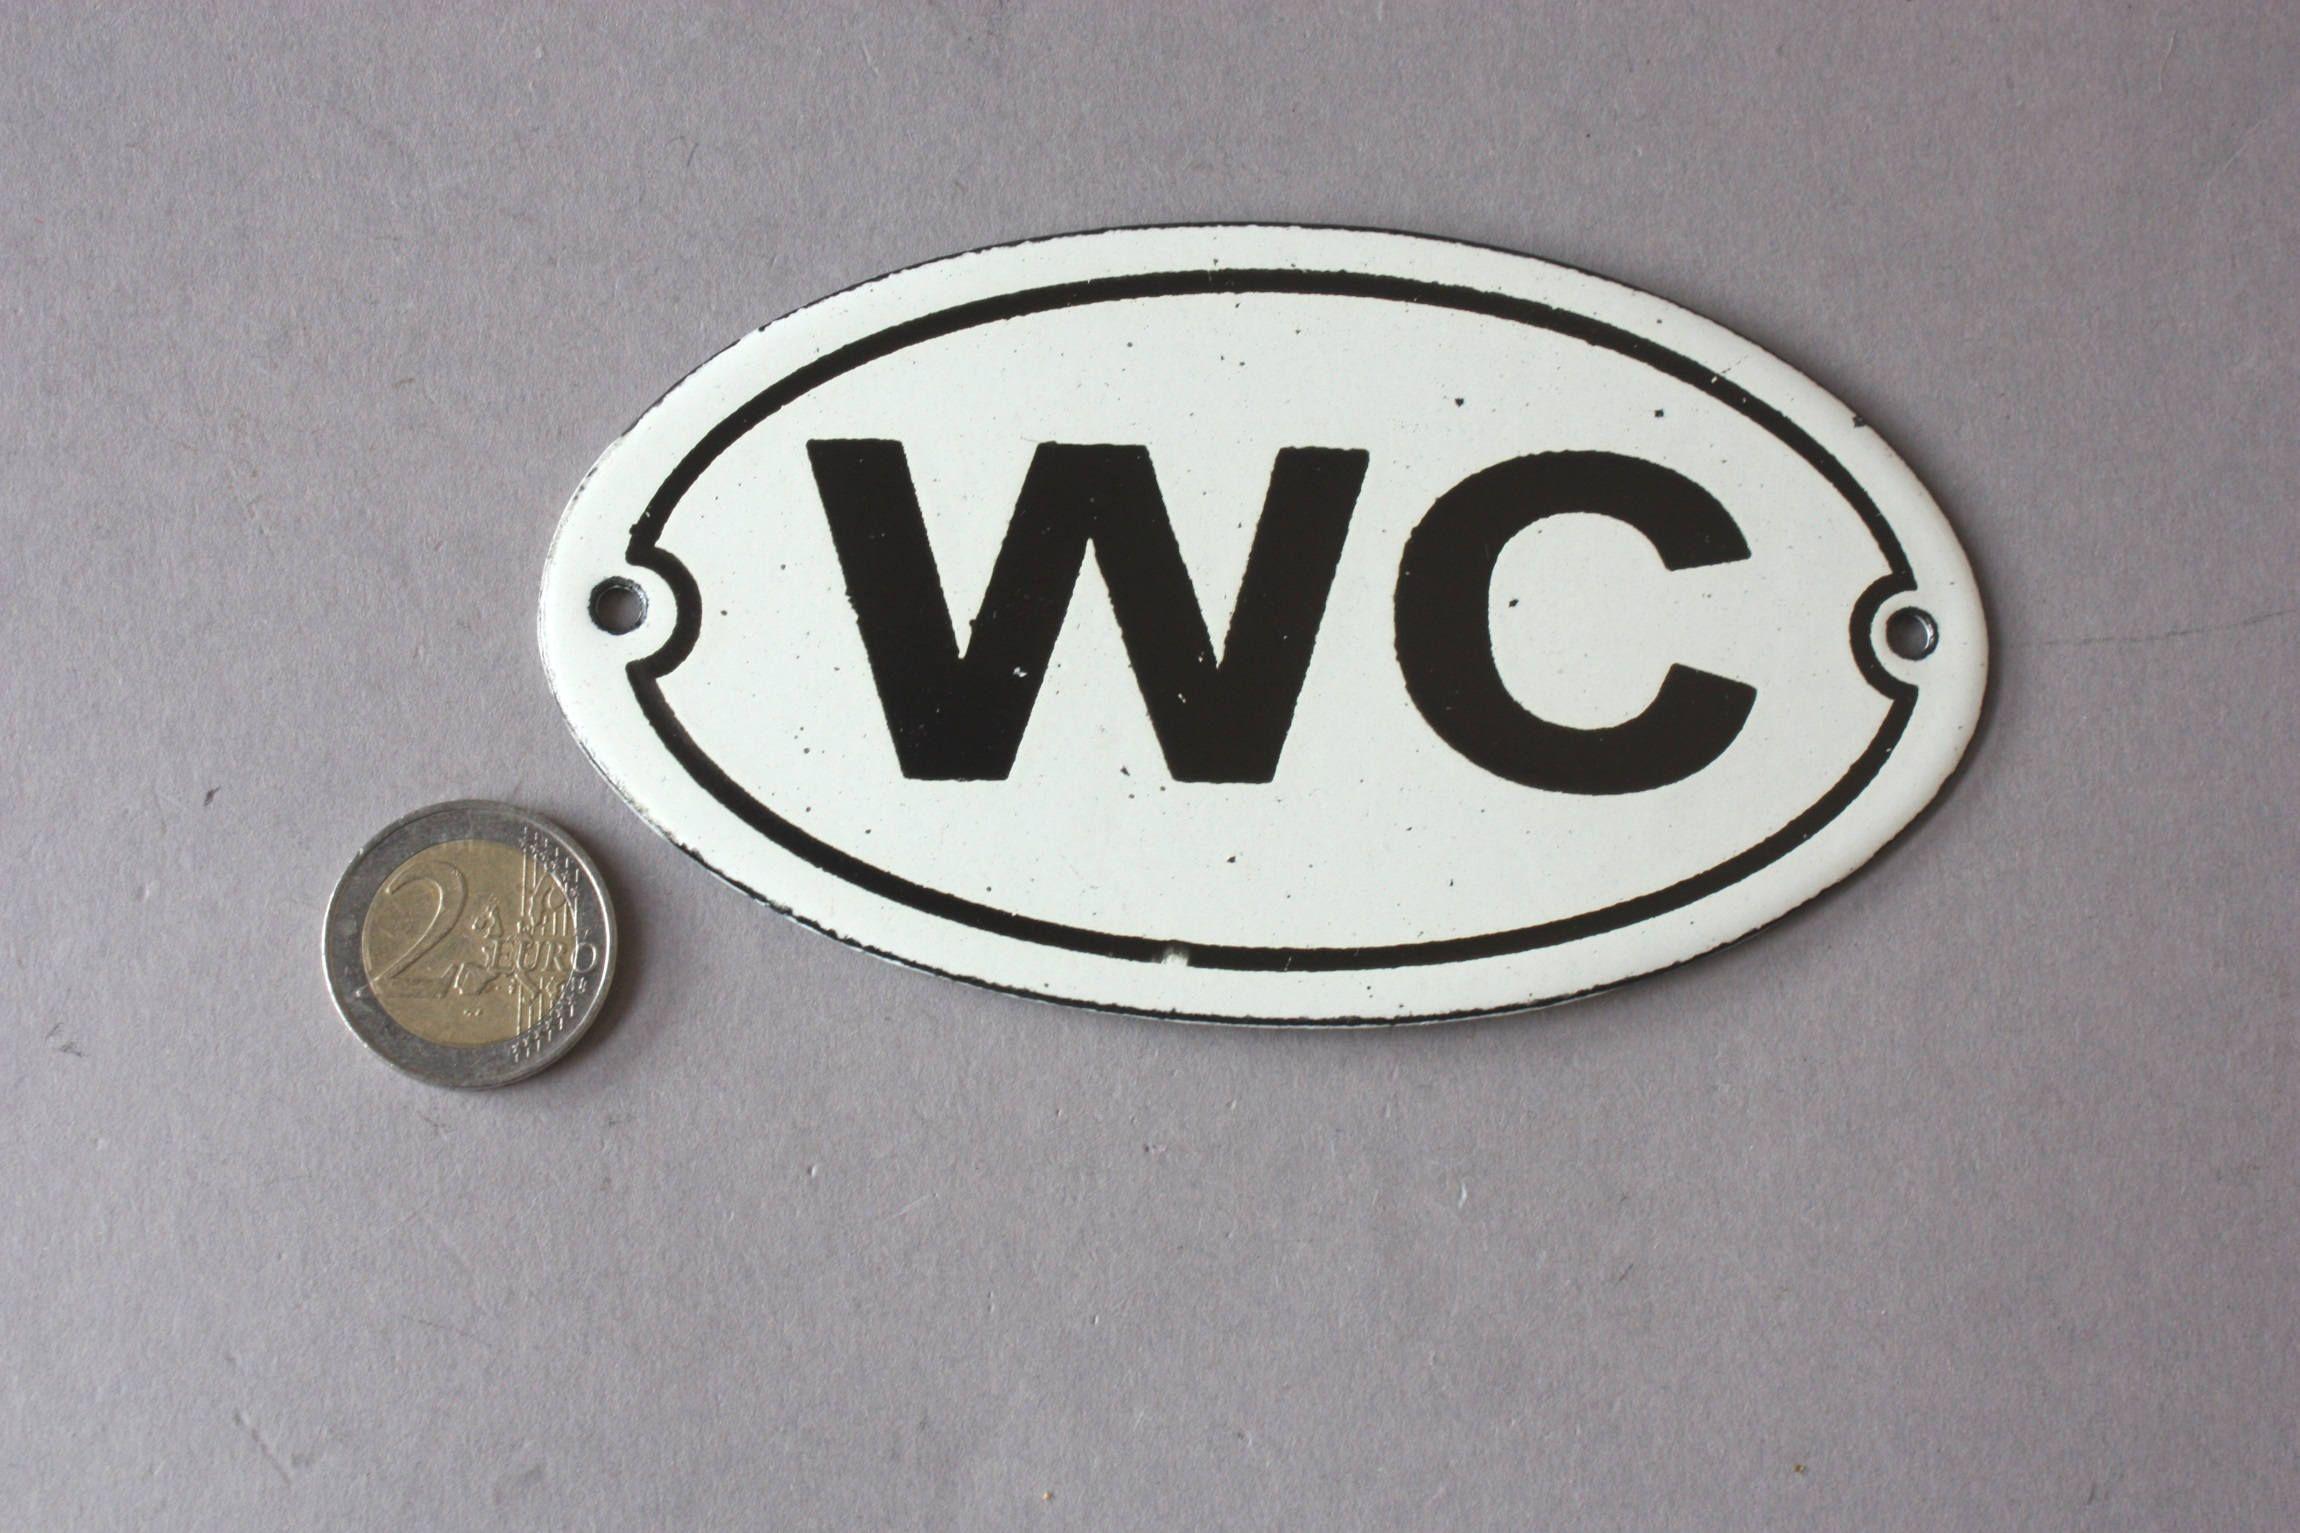 Wc Toilet Emaille Schild Shabby Emailleschild Toilette Vintage